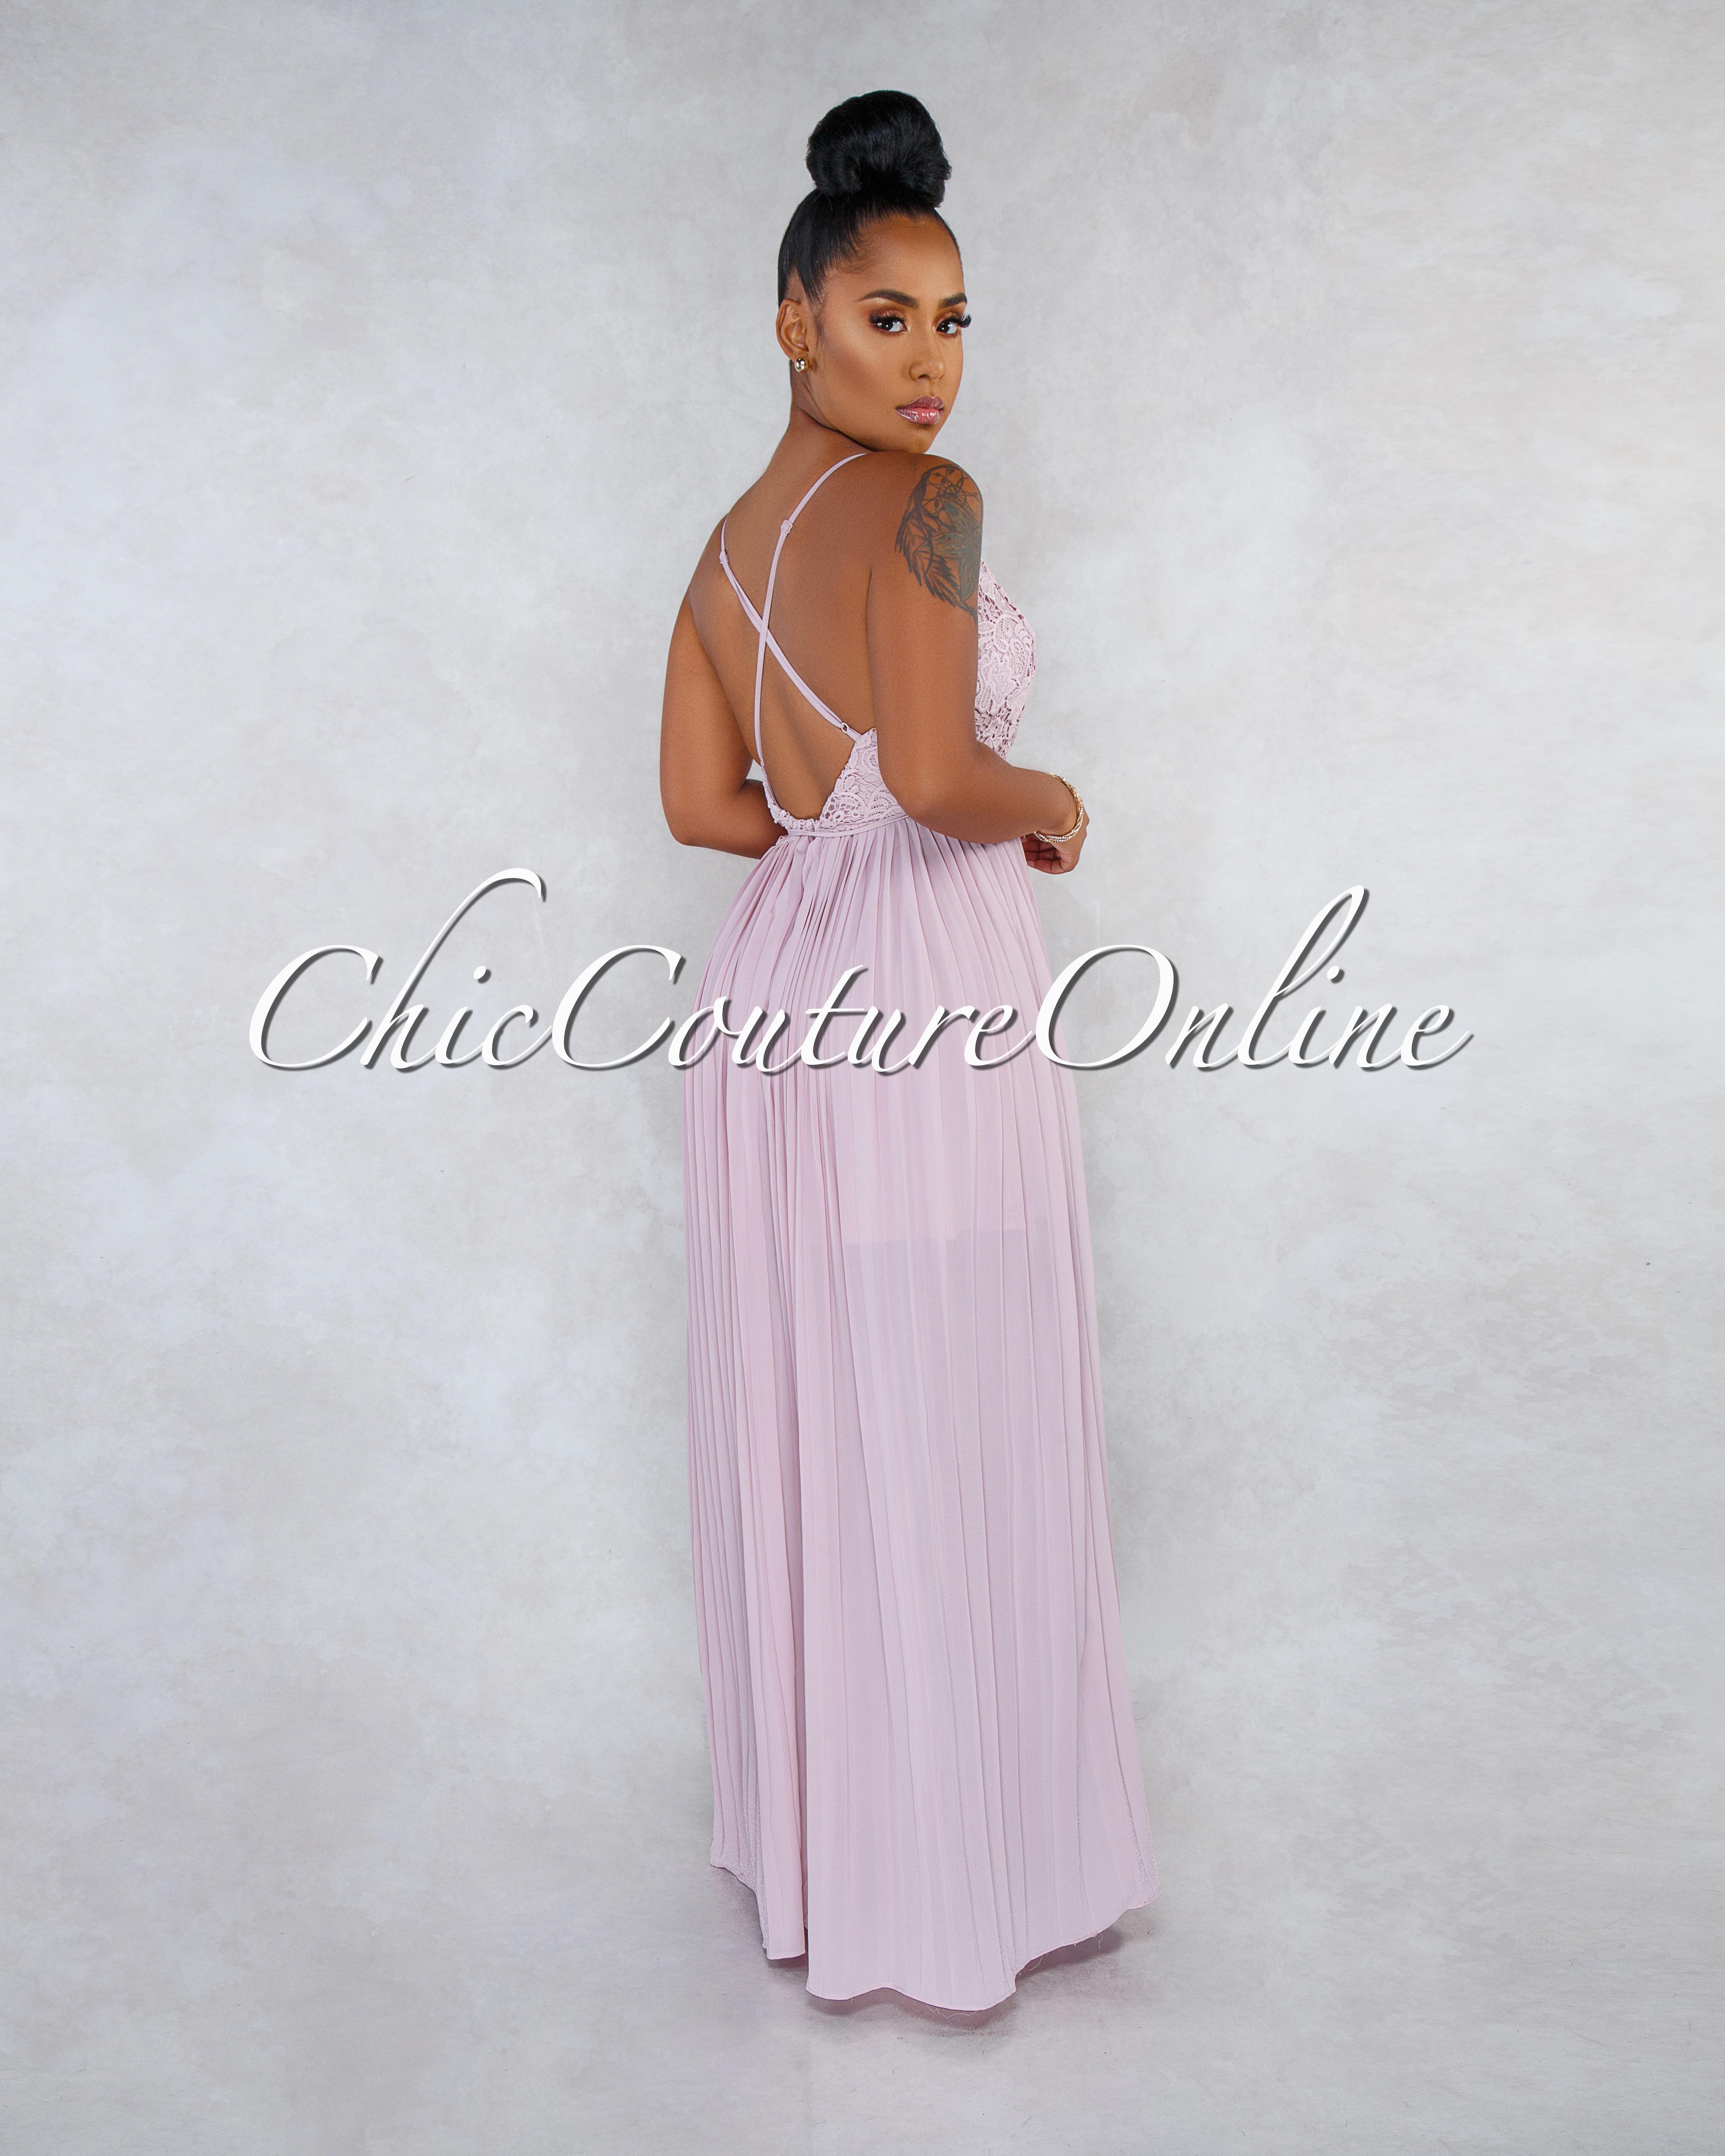 Xandy Dusty Rose Crochet Top Open Back Pleated Maxi Dress